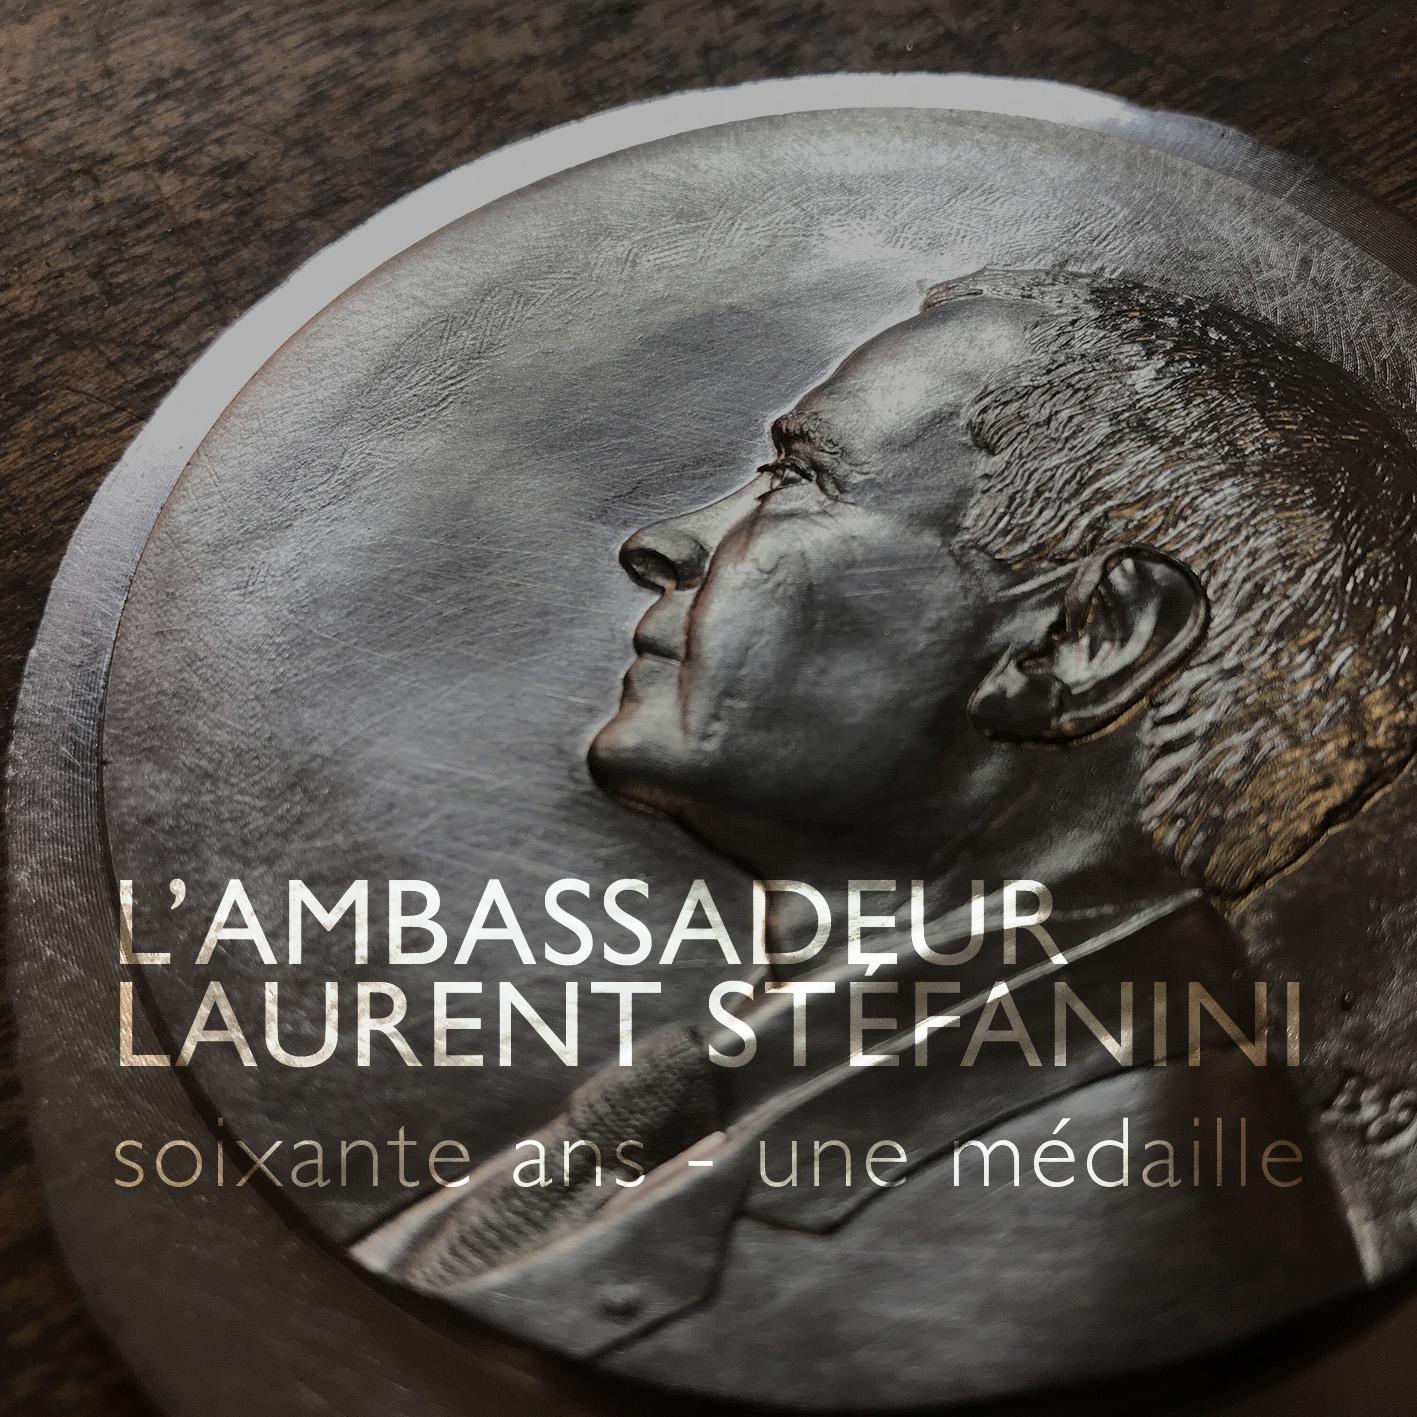 L'Ambassadeur Laurent STEFANINI – 60 ans – une médaille